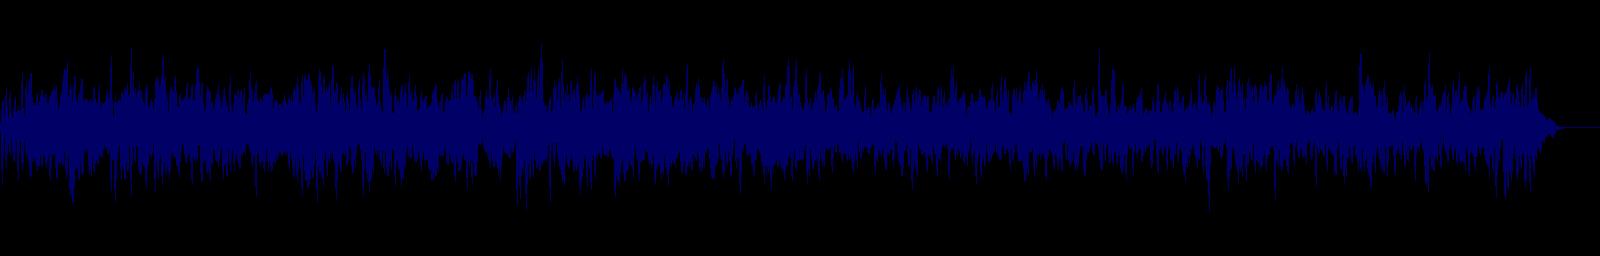 waveform of track #129220